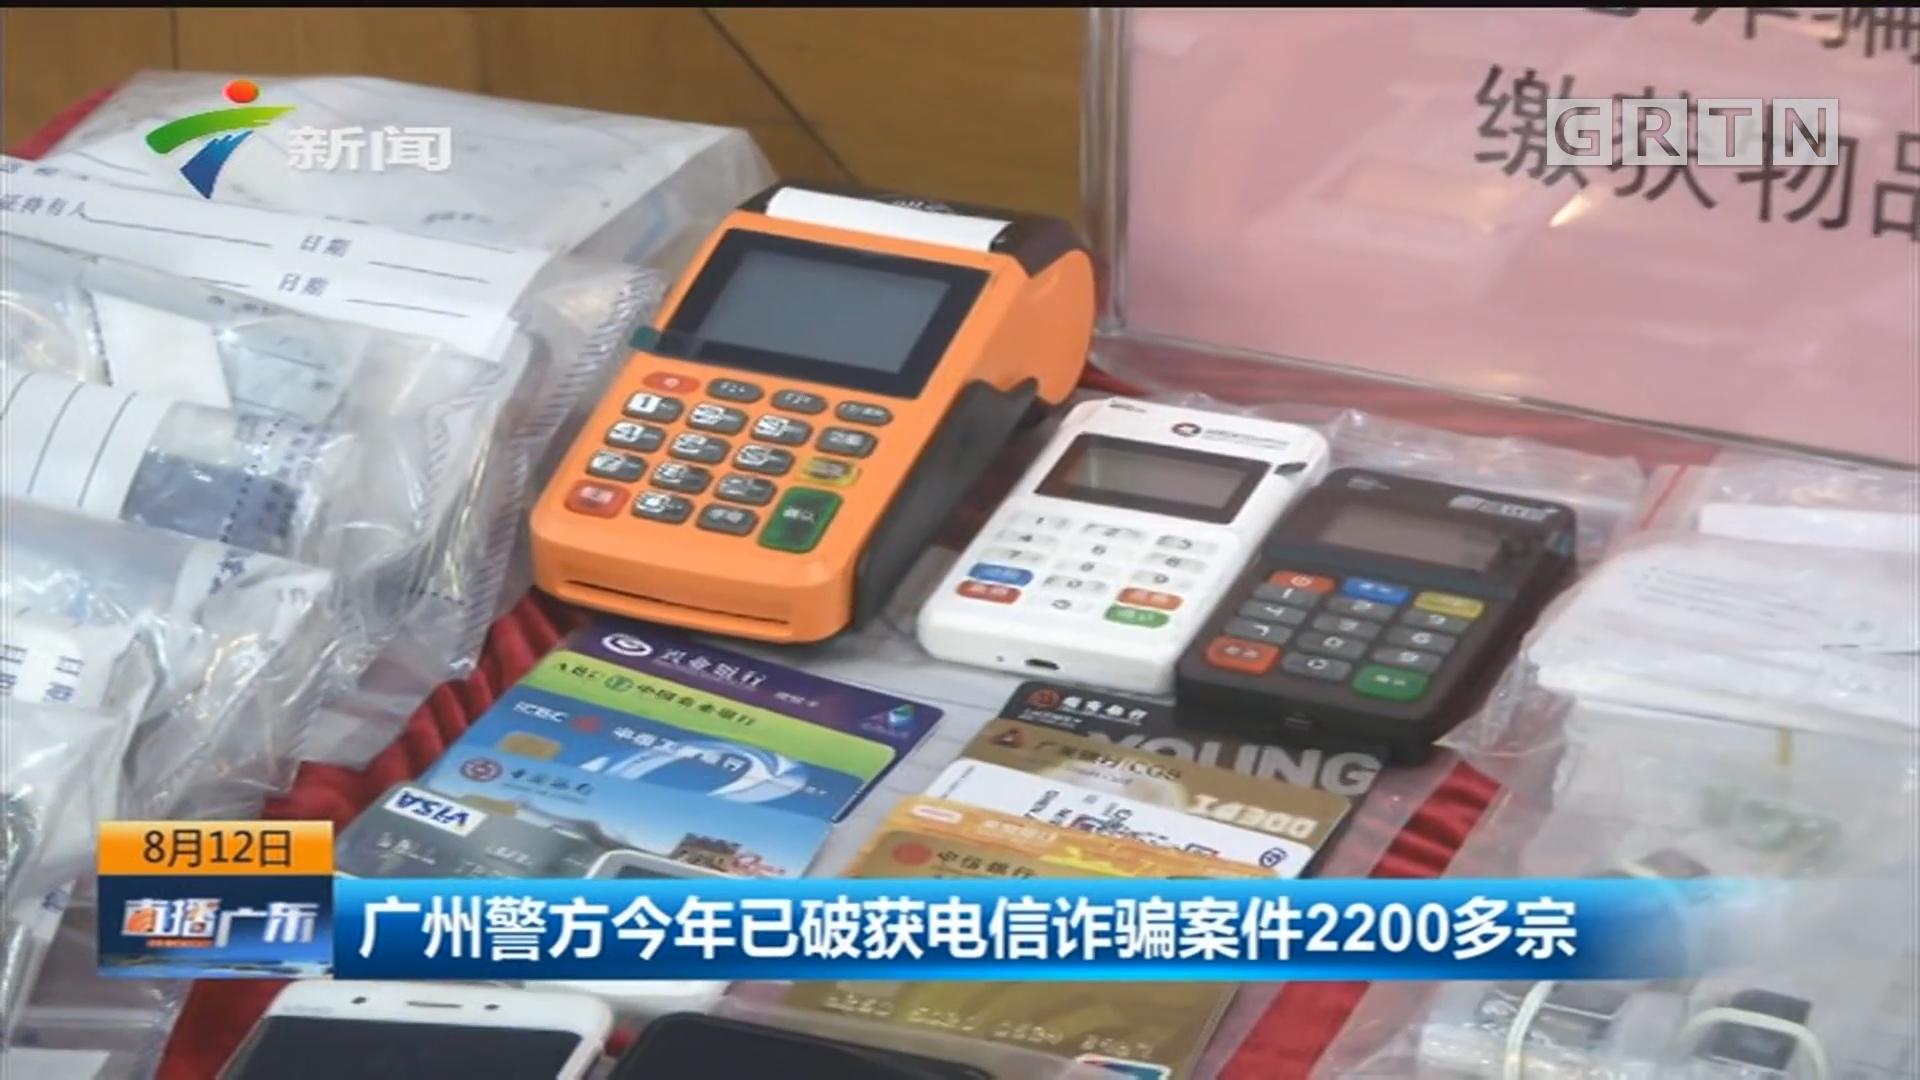 广州警方今年已破获电信诈骗案件2200多宗